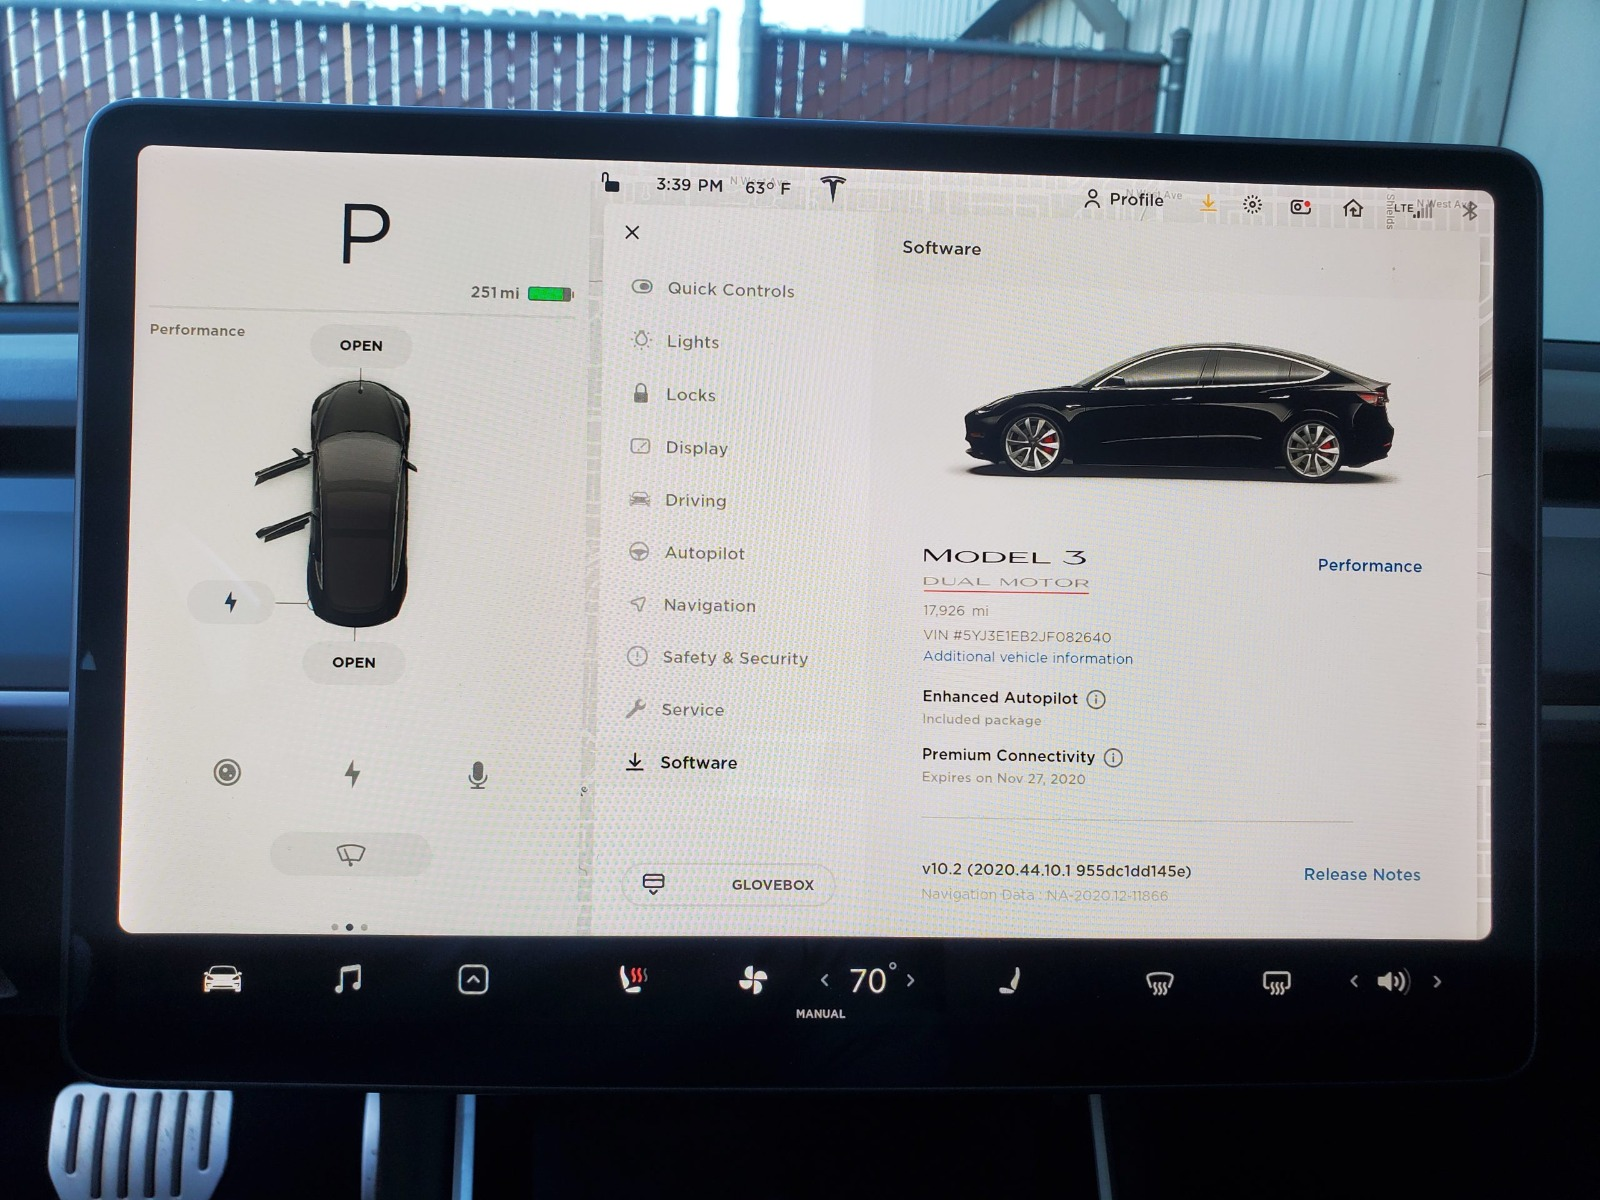 2018 Model 3 Performance full